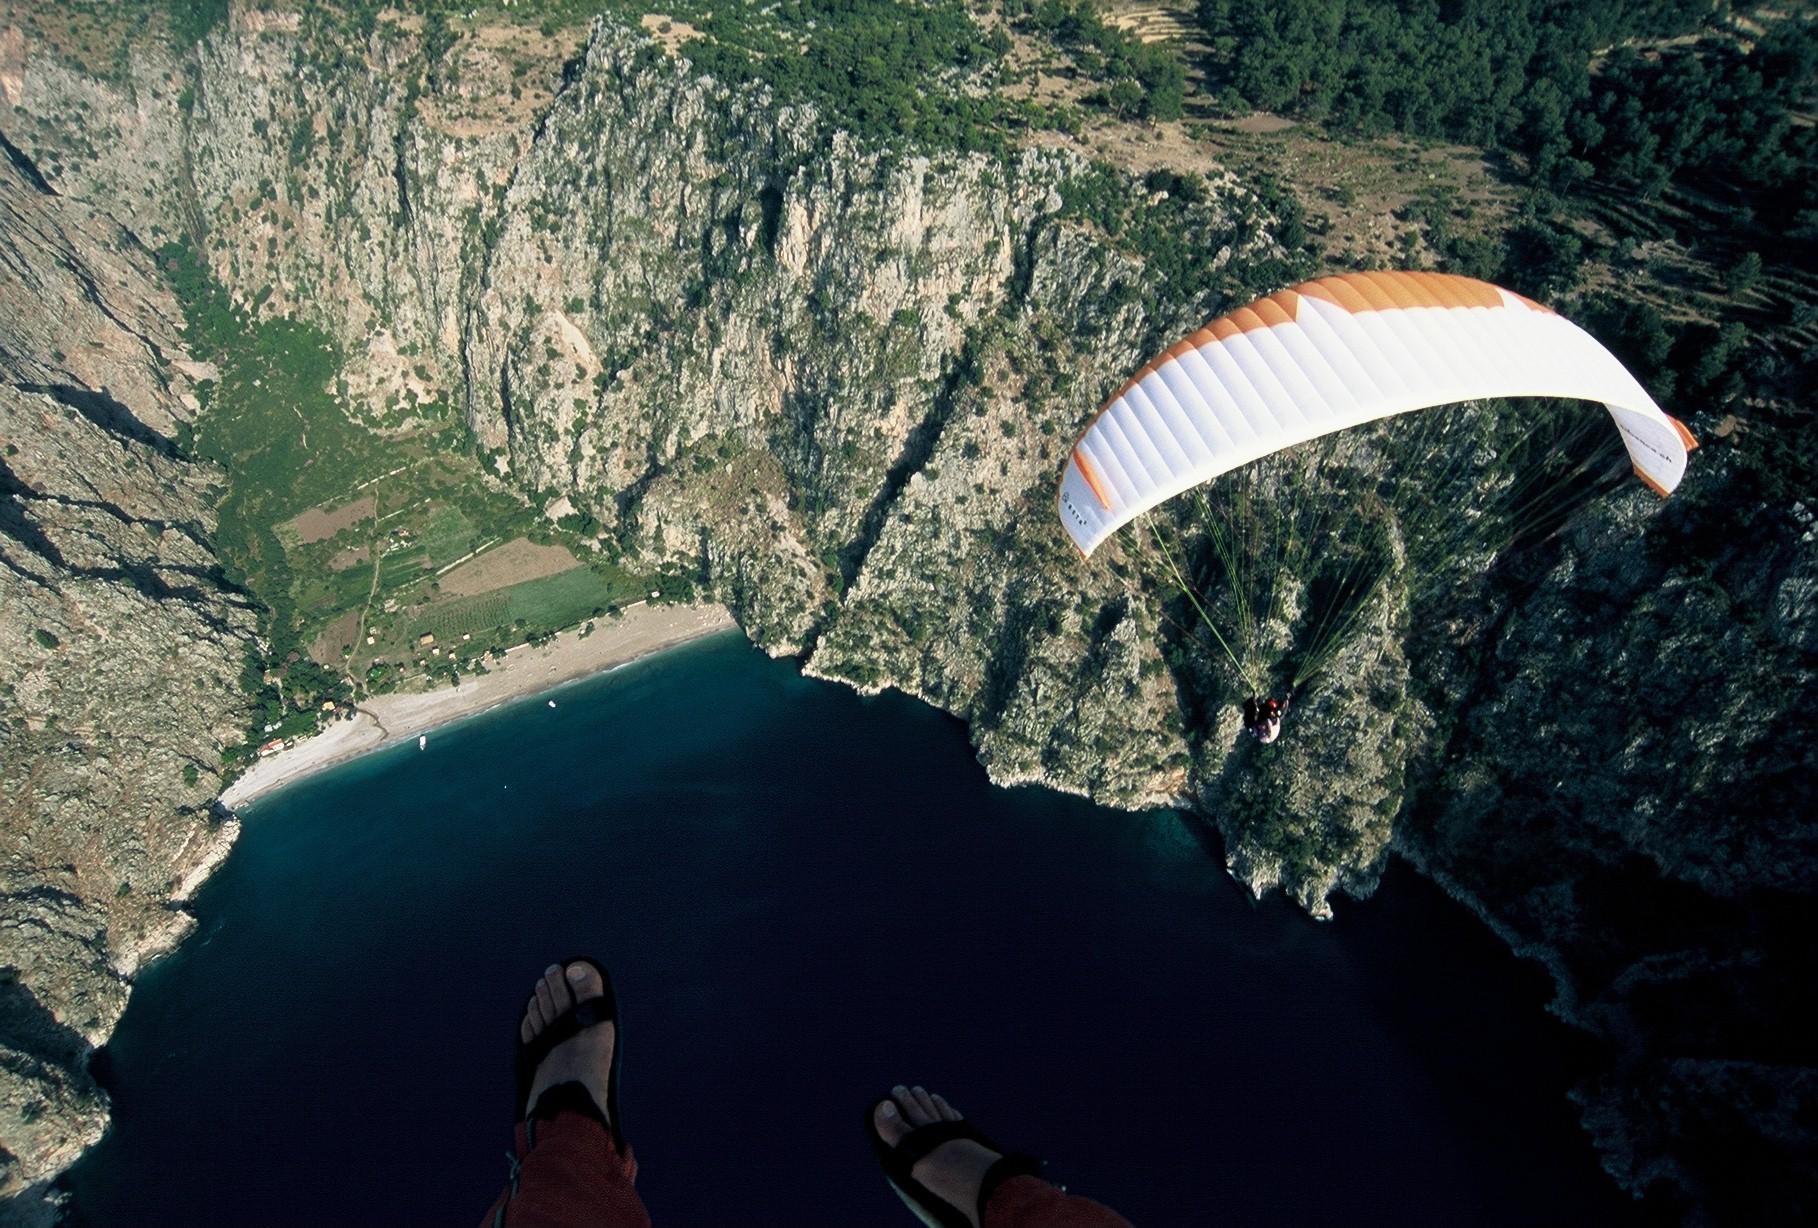 Appartement de vacances Luxurise Unterkunft und persnliches Ambiente in unzerstrter Natur (2124814), Fethiye, , Région Egéenne, Turquie, image 25